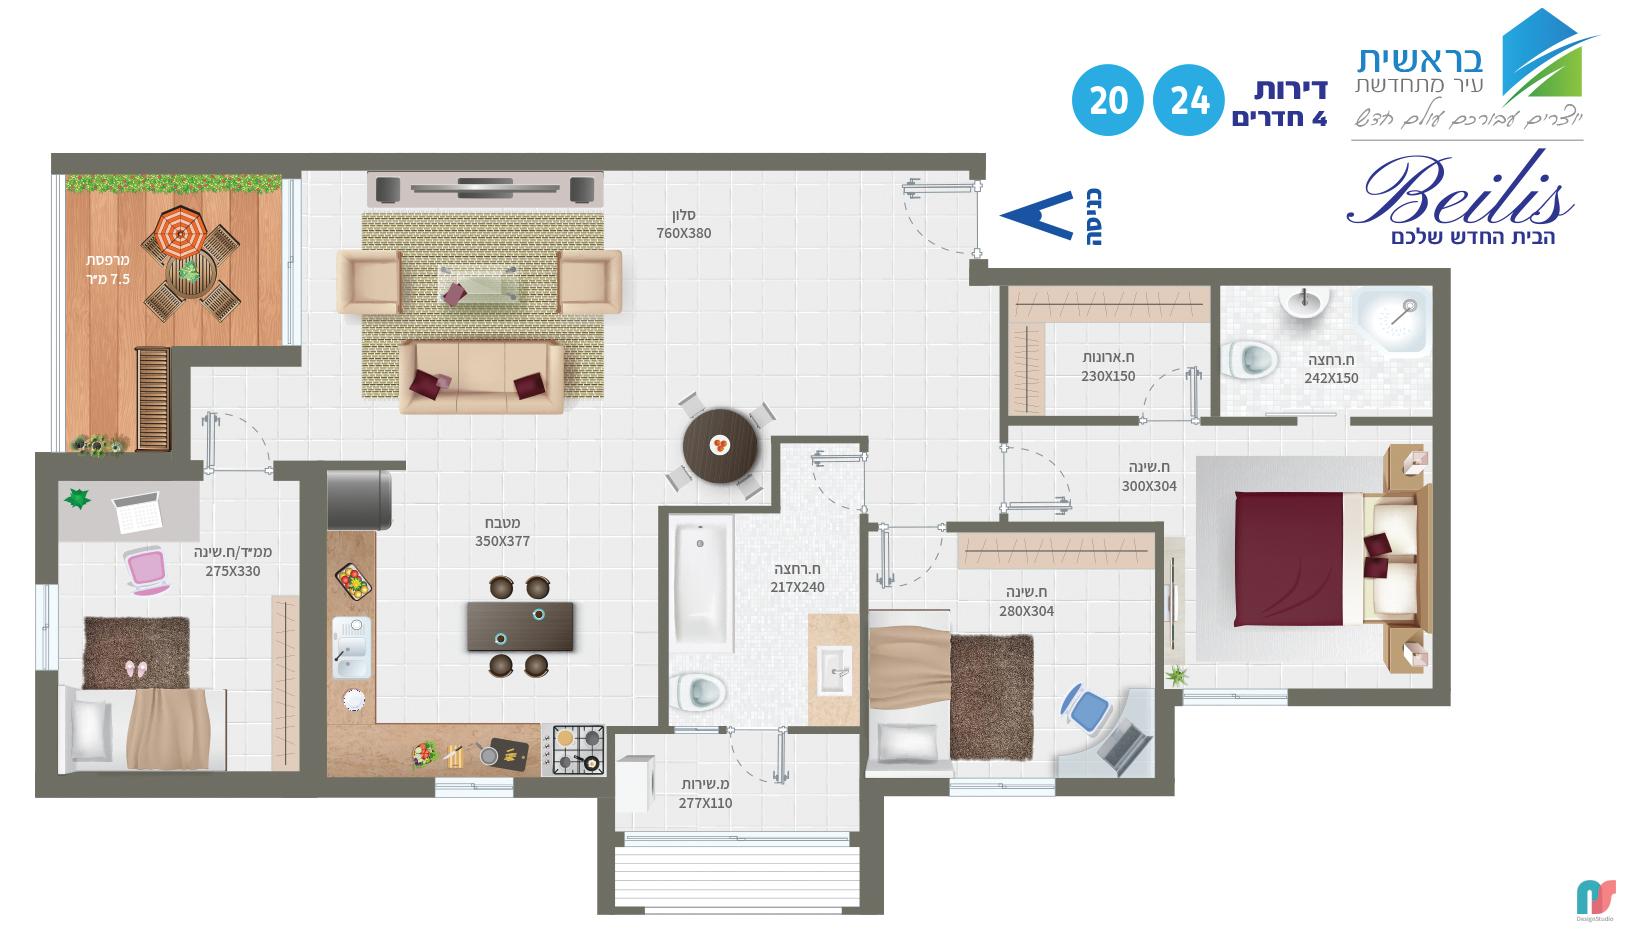 תוכנית הדירה לנכס מספר 20